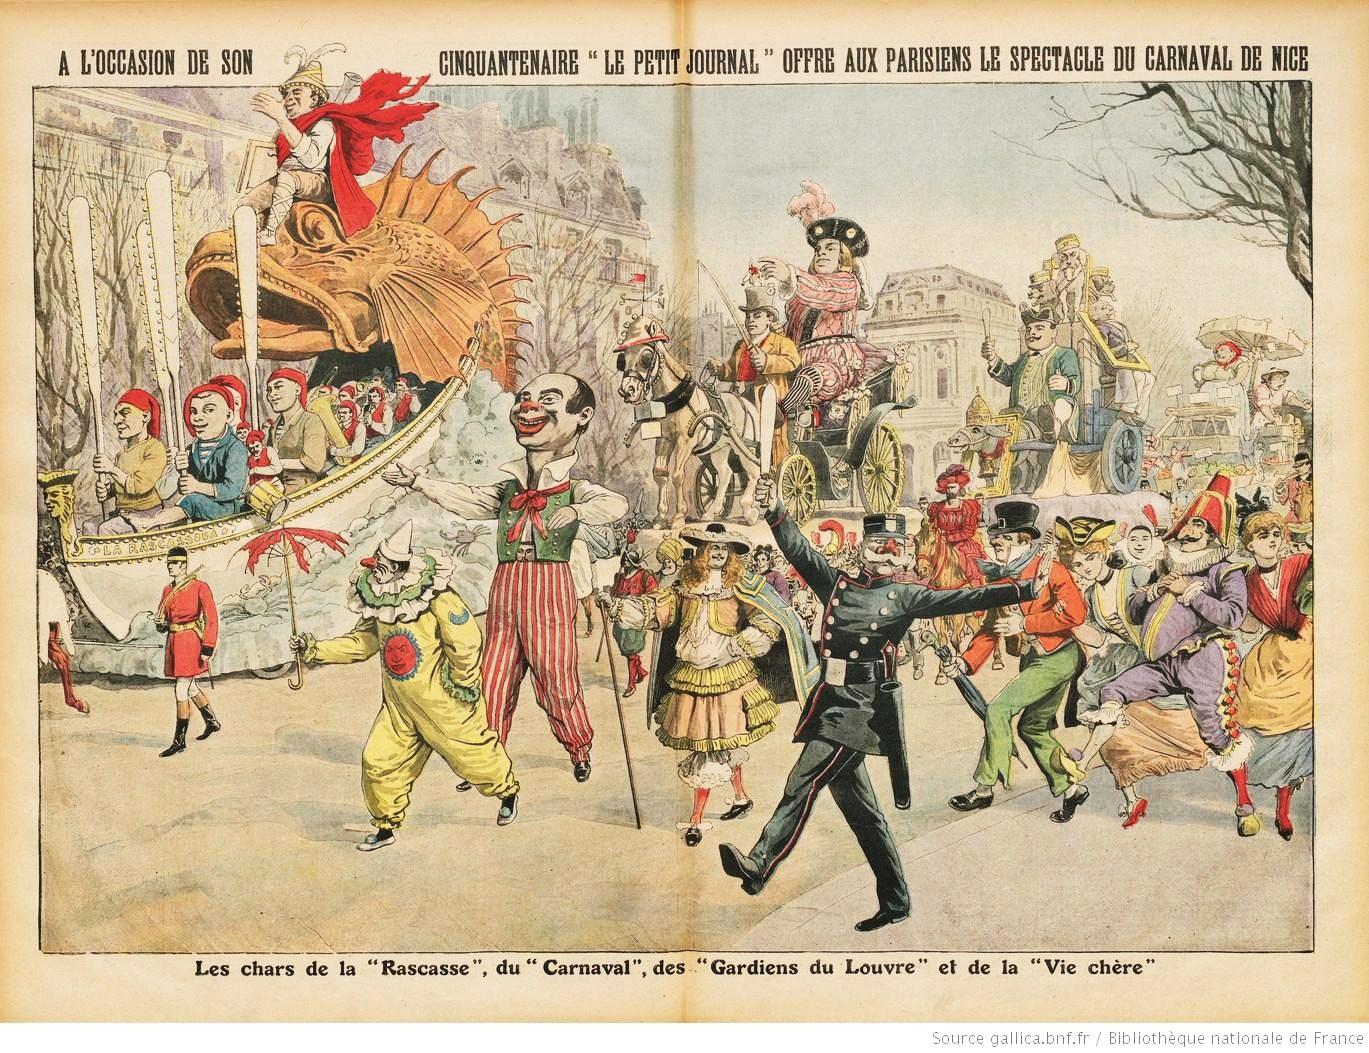 Le Carnaval de Nice au XIXe siècle